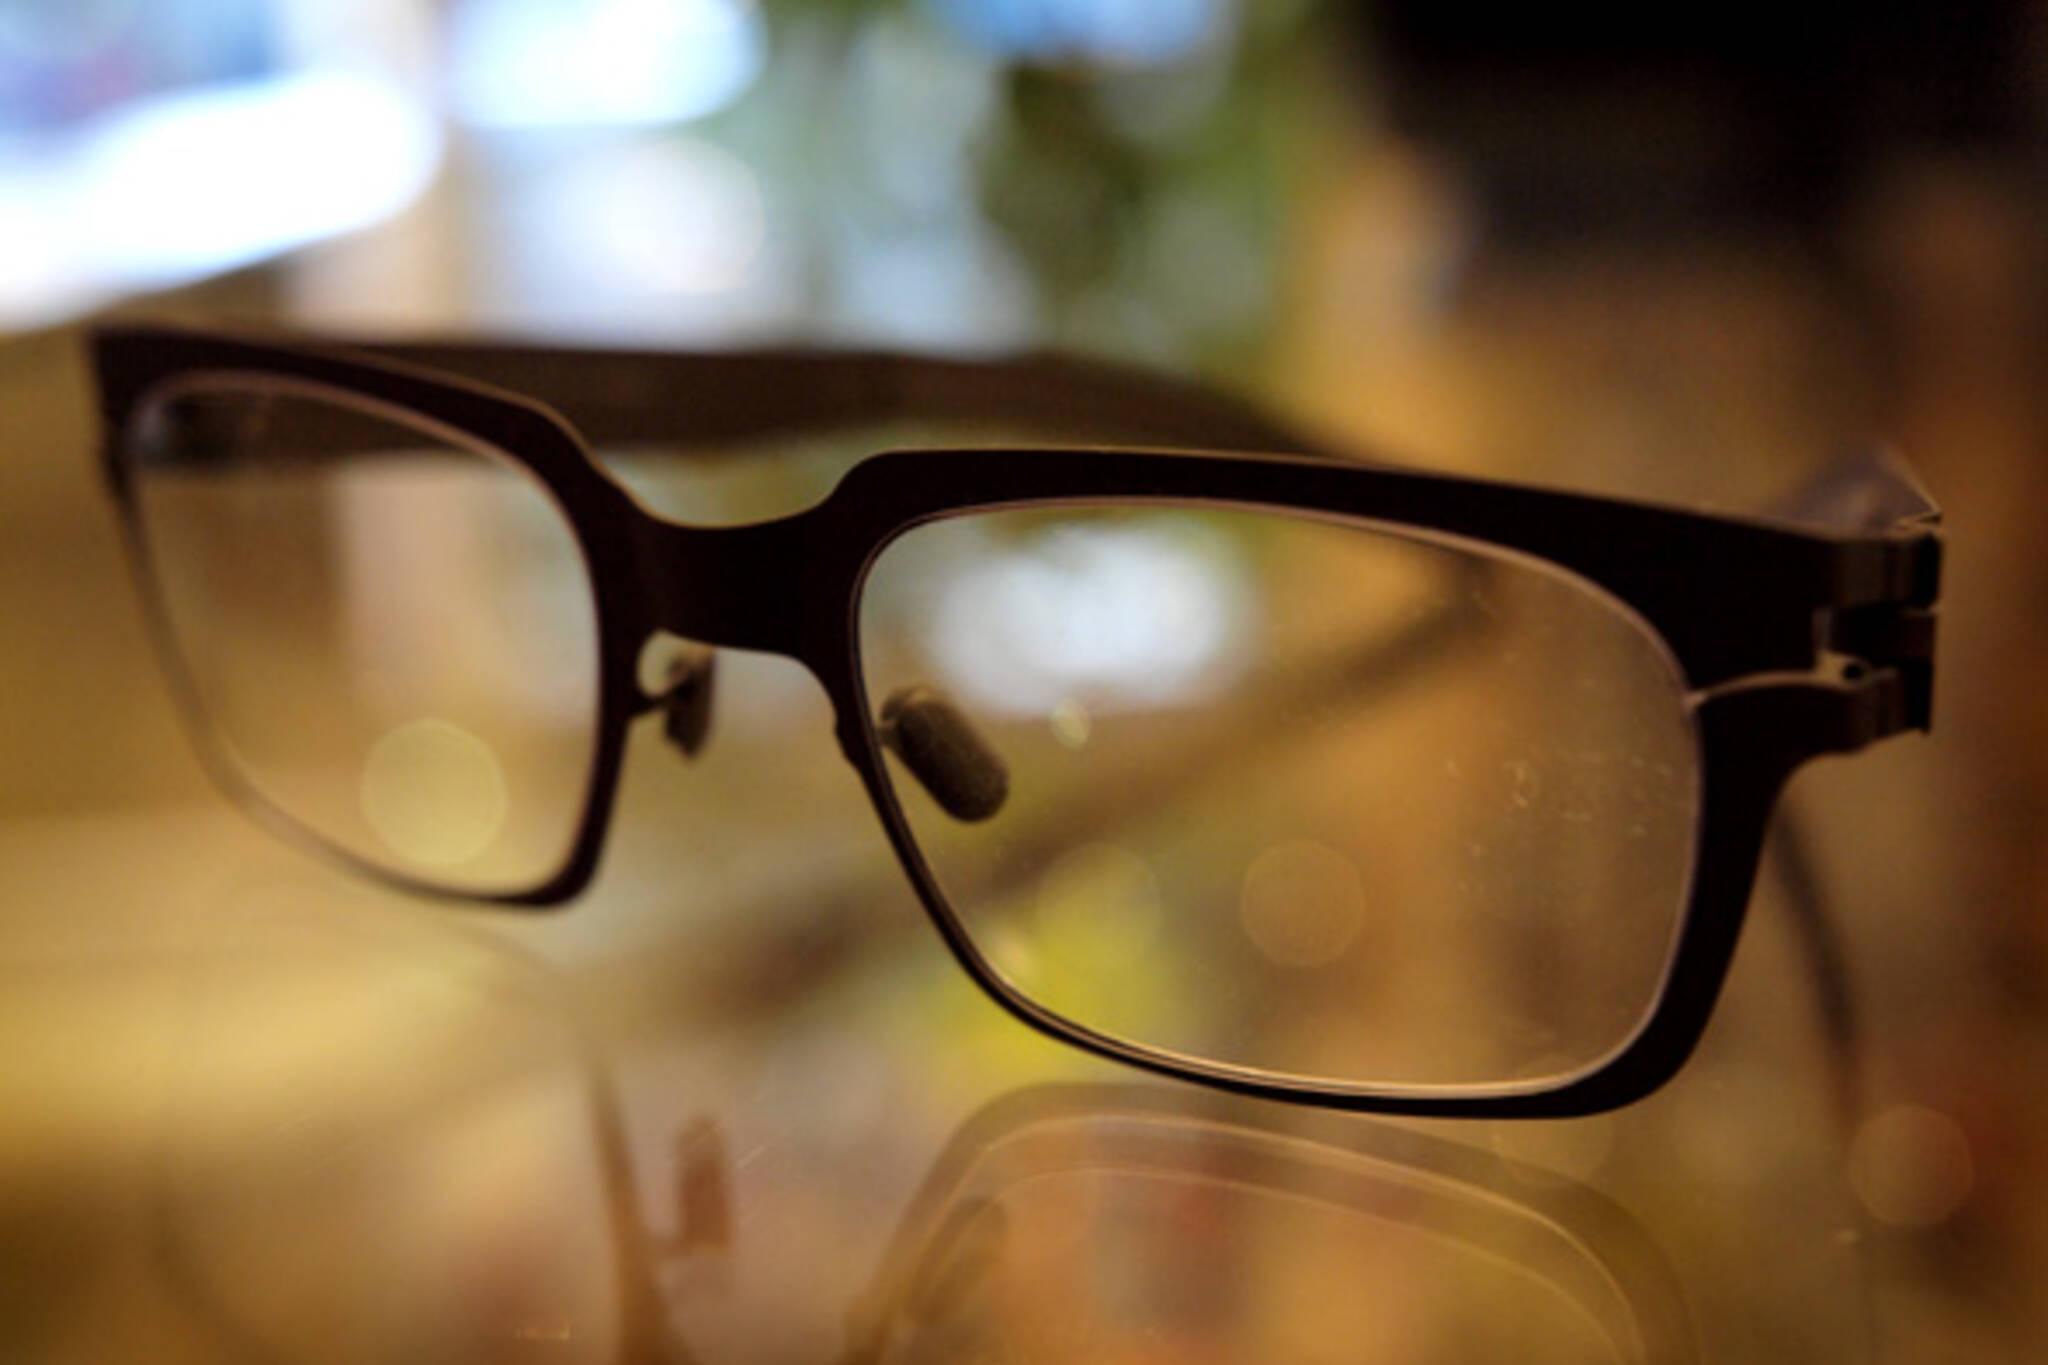 Chinatown Optical